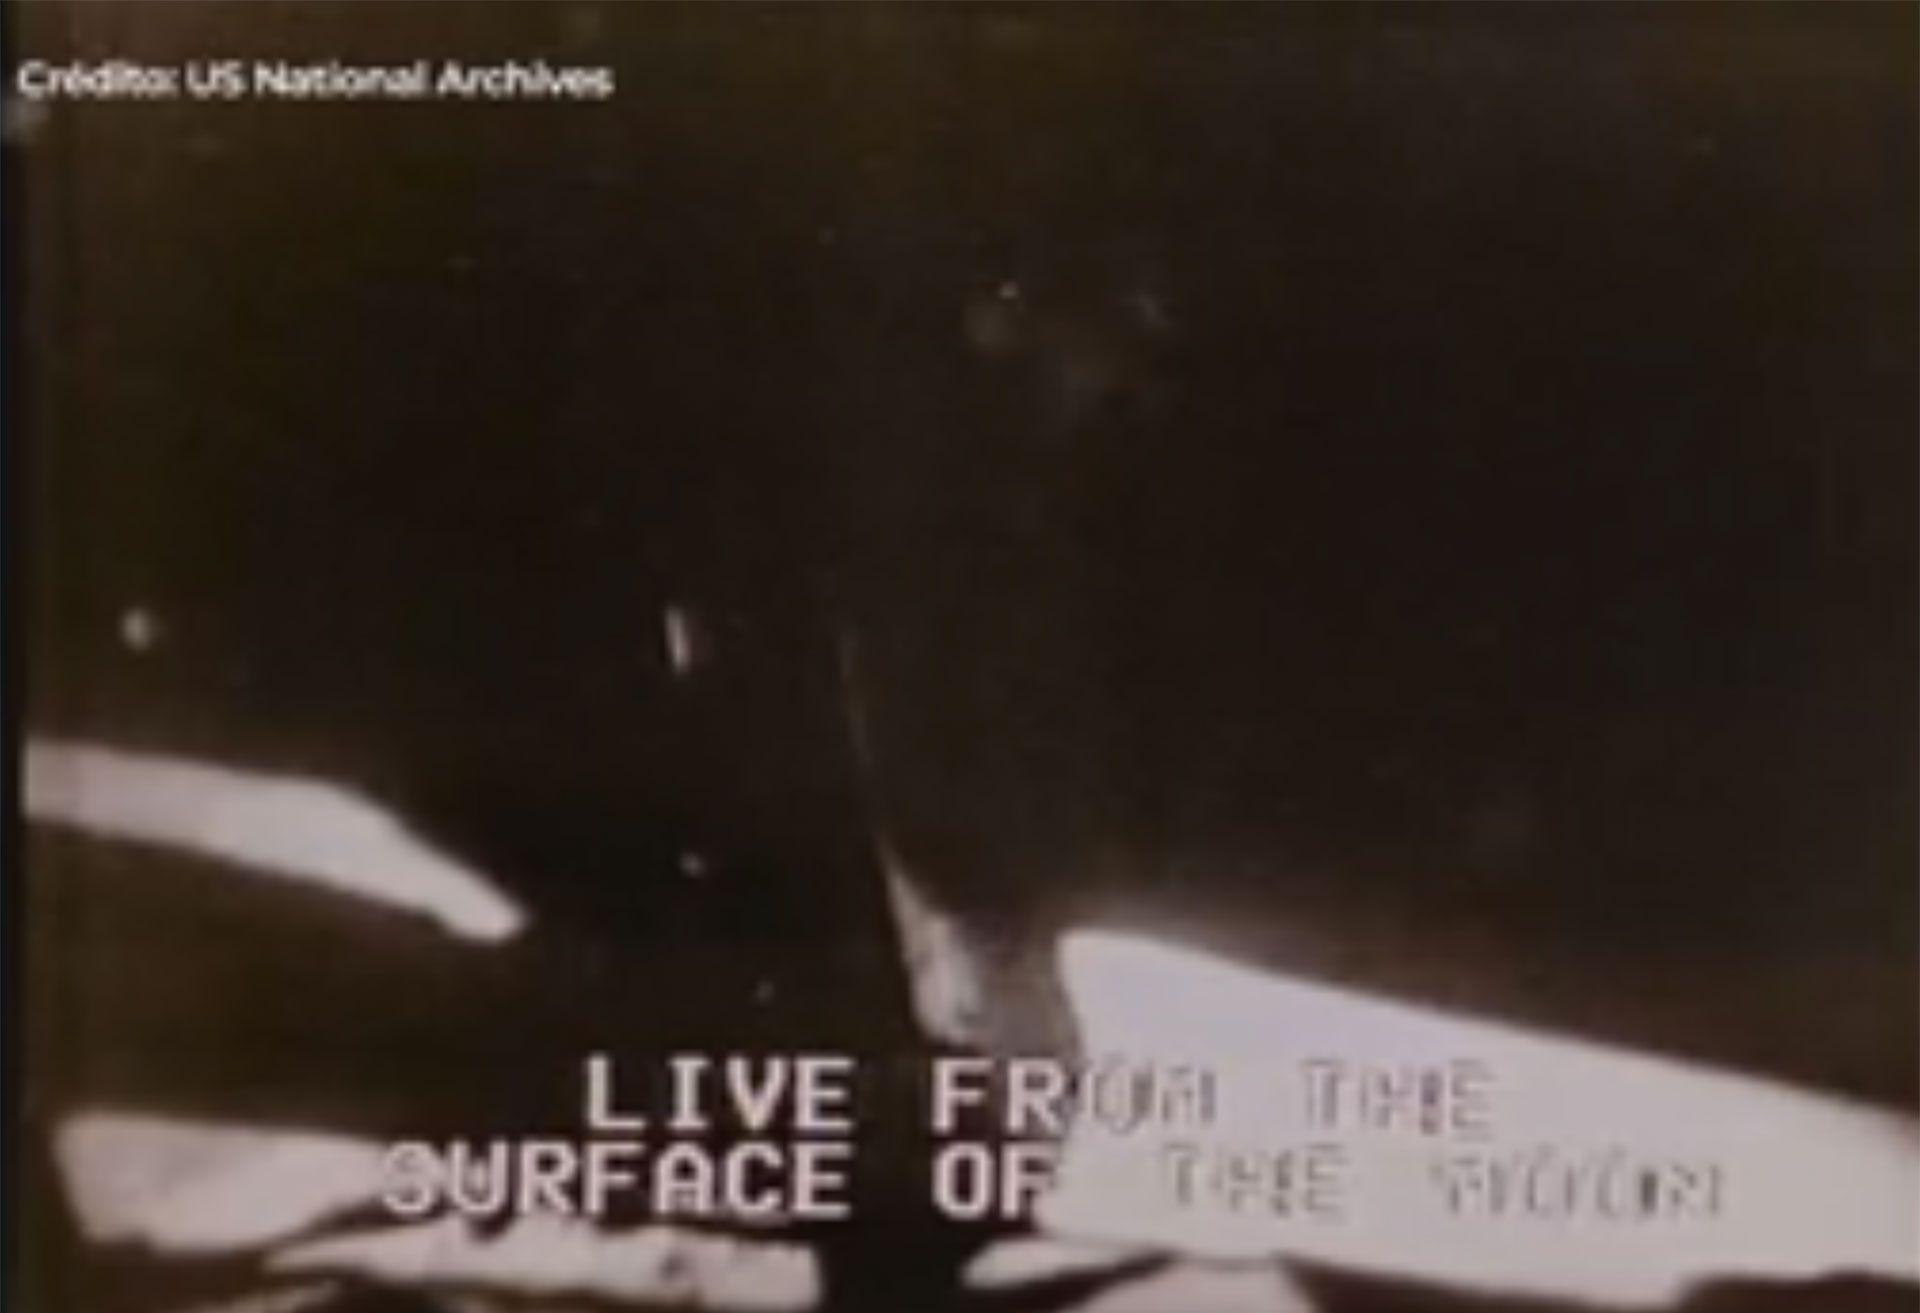 La transmisión de la CBS con la conducción de Walter Conkrite en vivo durante 27 horas quedó como la más recordada de aquella jornada